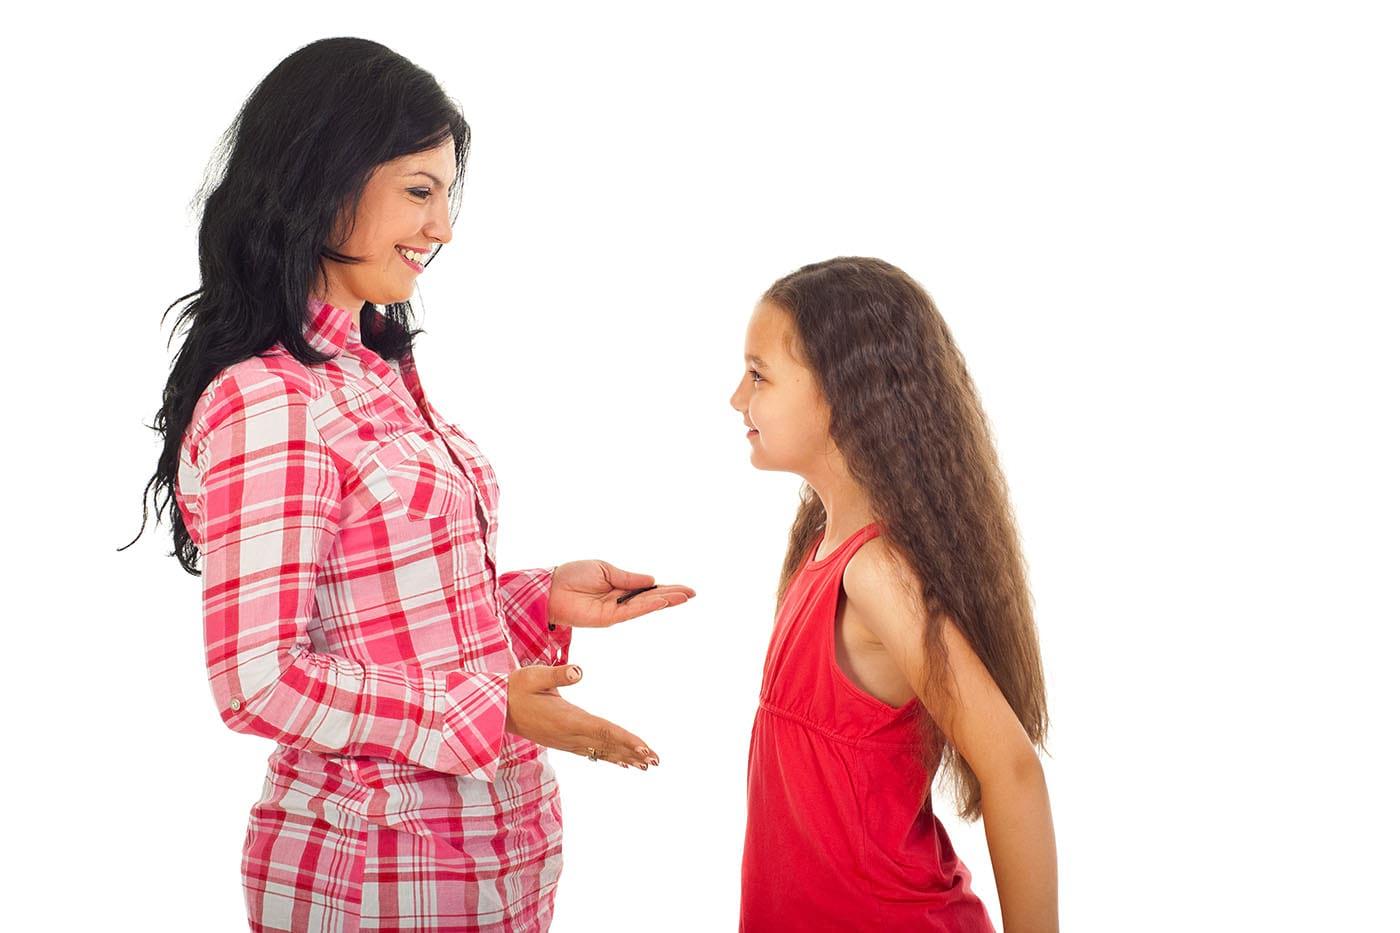 La ce vârstă trebuie să vină prima menstruație?